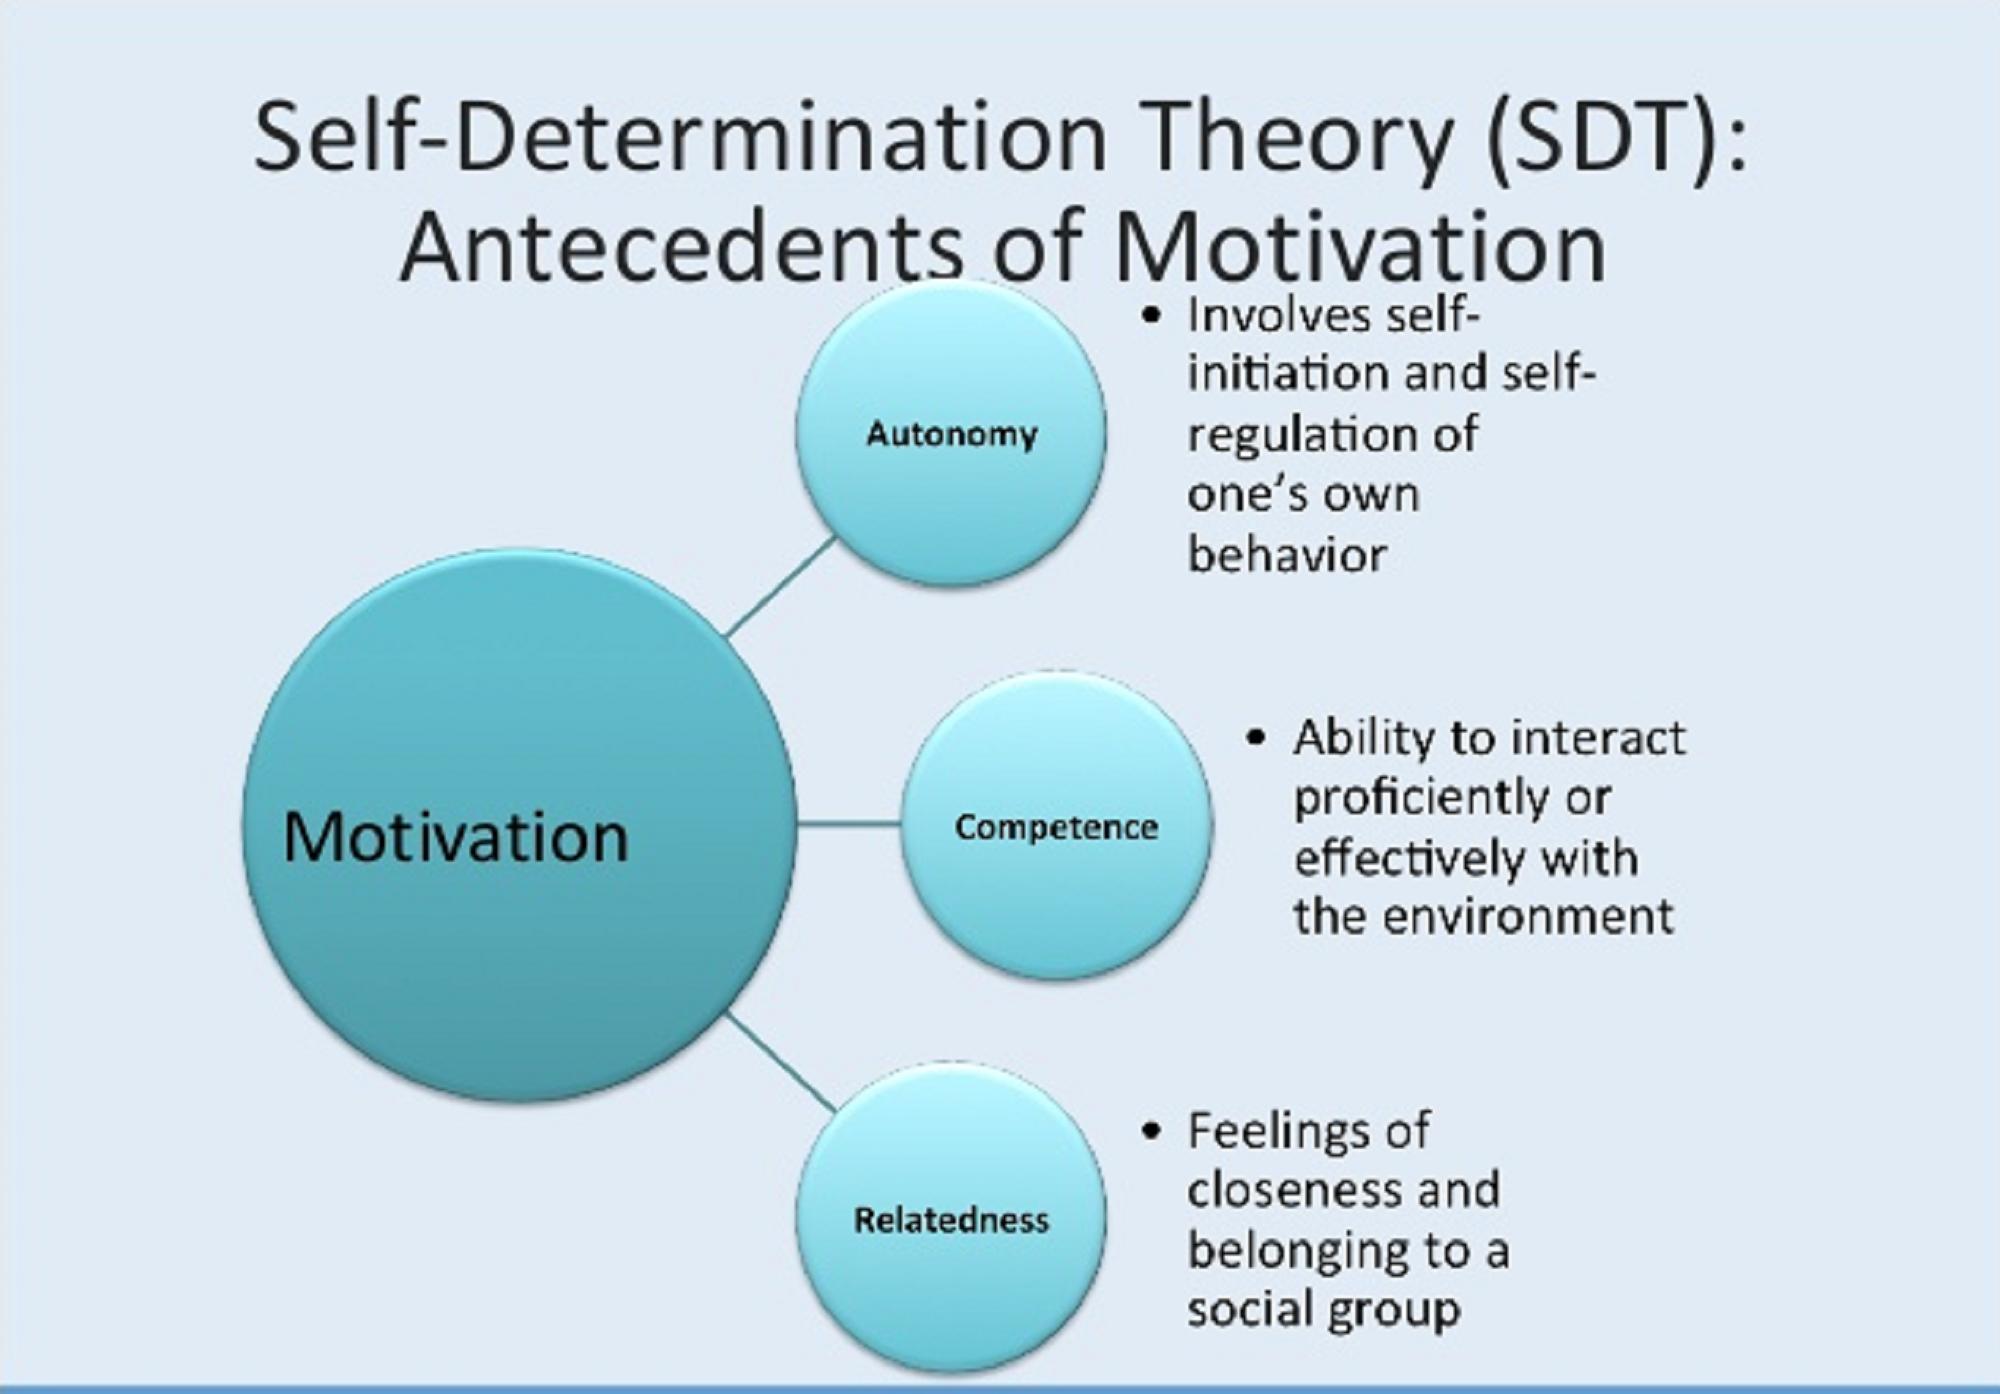 نظریه خودتعیینگری و تعریف نیازهای بنیادین روانشناختی